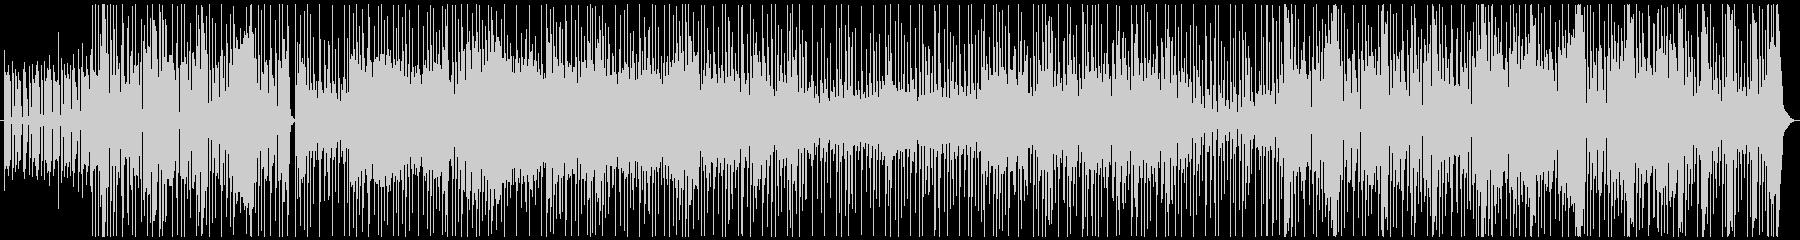 ファンキーBGM ブルースハープを添えての未再生の波形